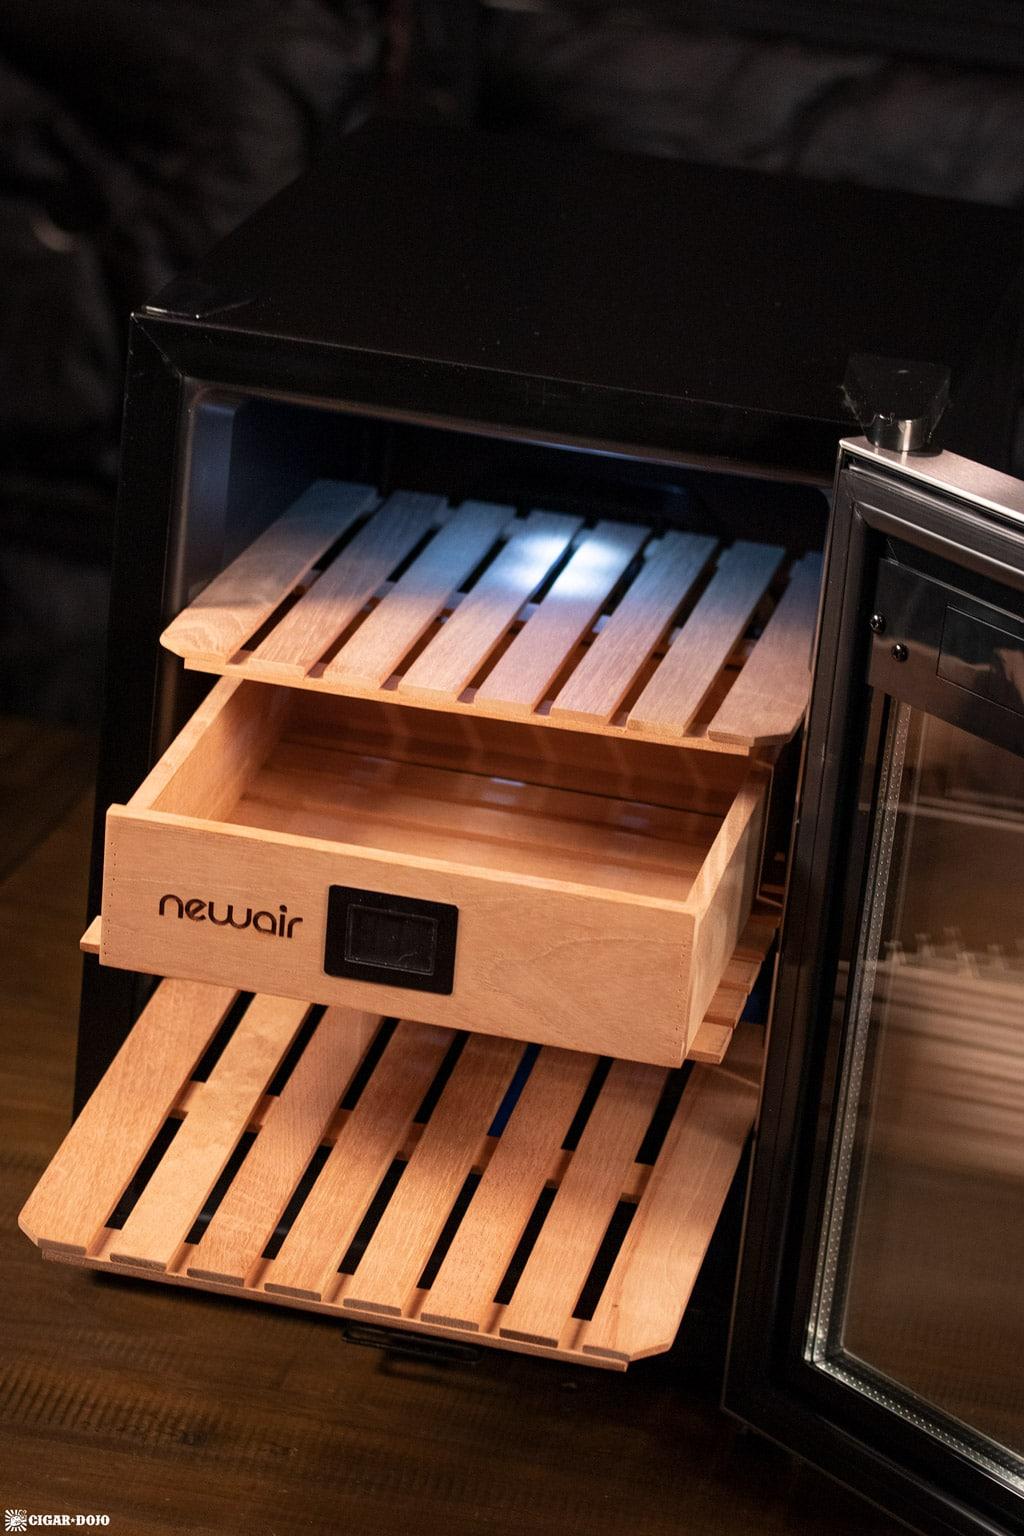 NewAir NCH250SS00 humidor open shelves